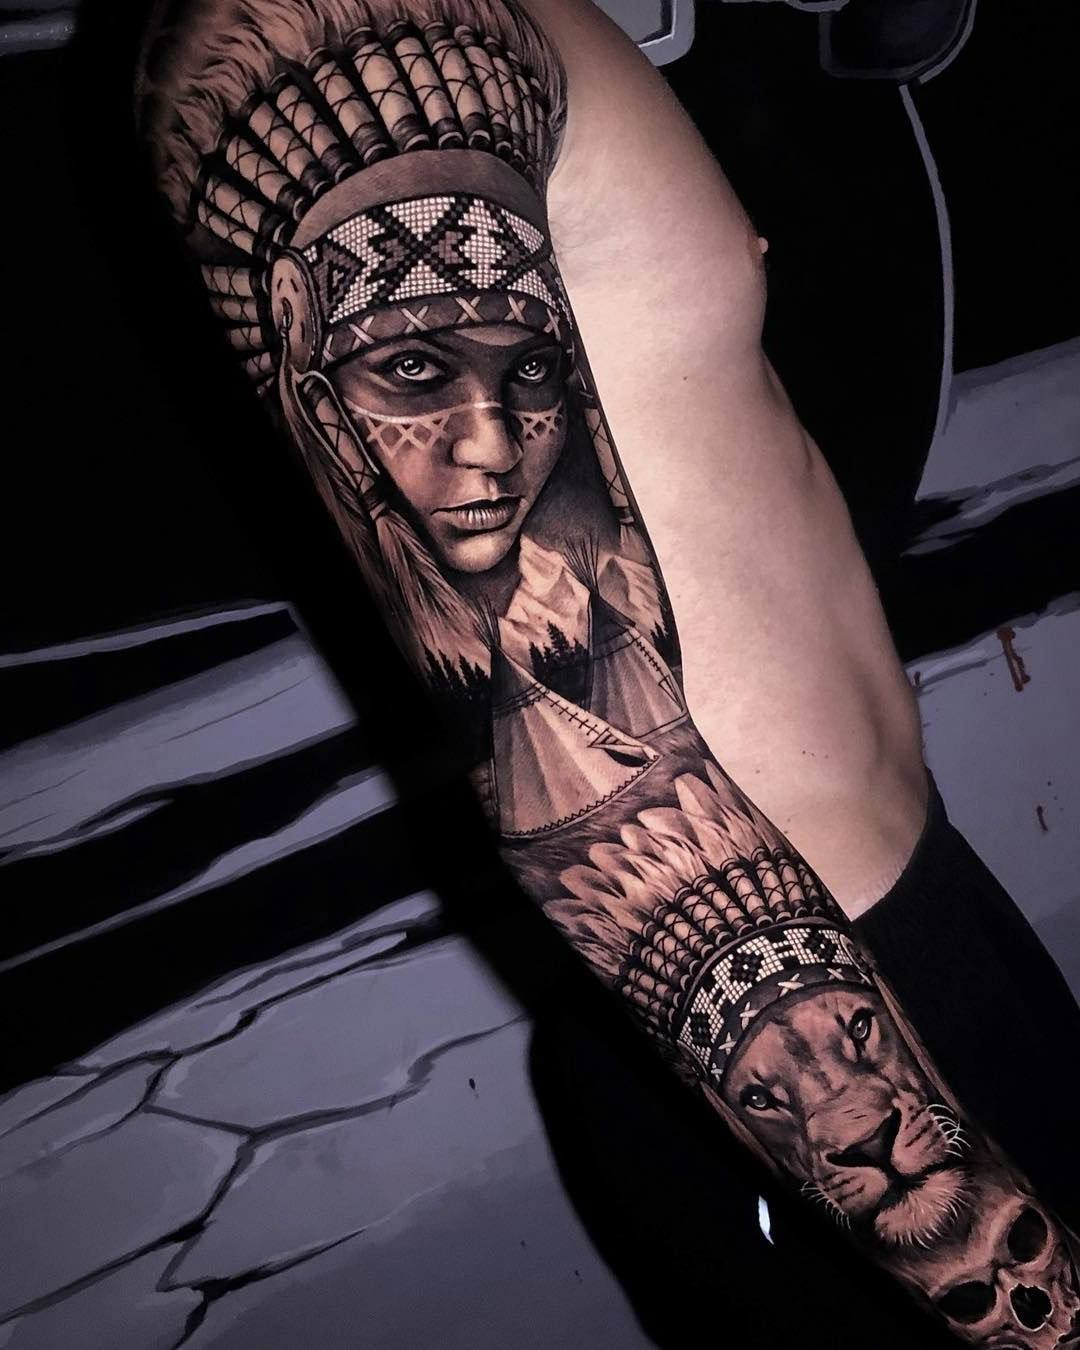 Índia tatuada no braço